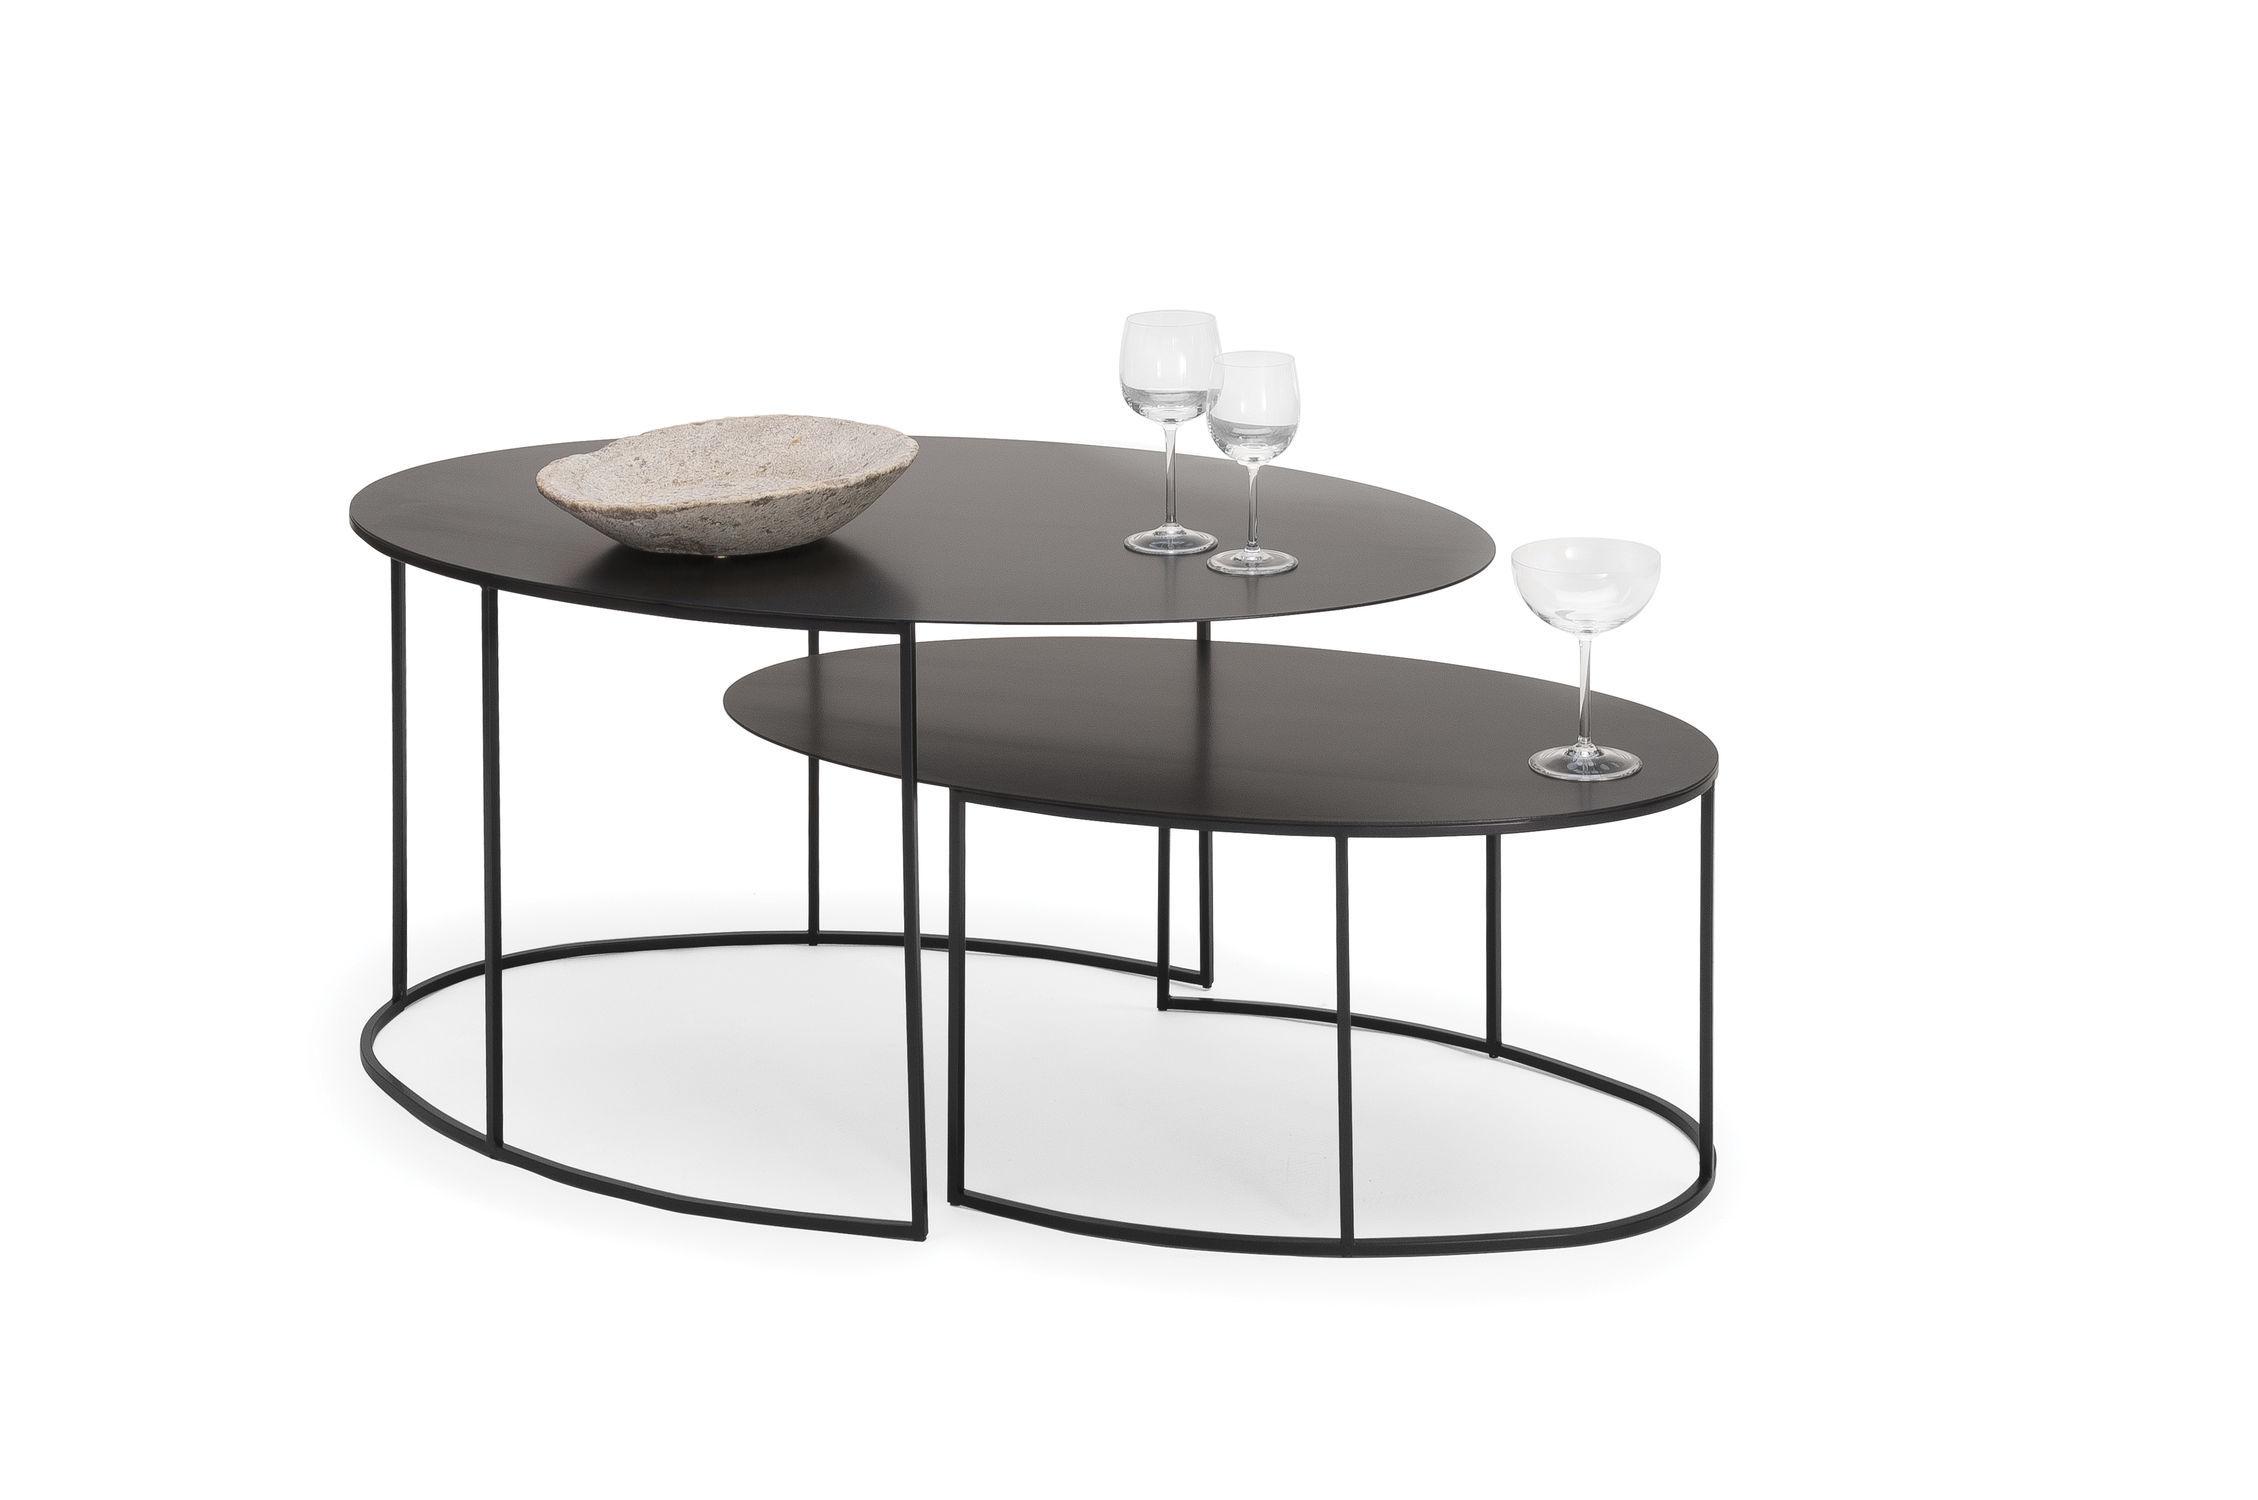 Delightful Contemporary Nesting Tables / Copper / Oval   SLIM IRONY By Maurizio  Peregalli